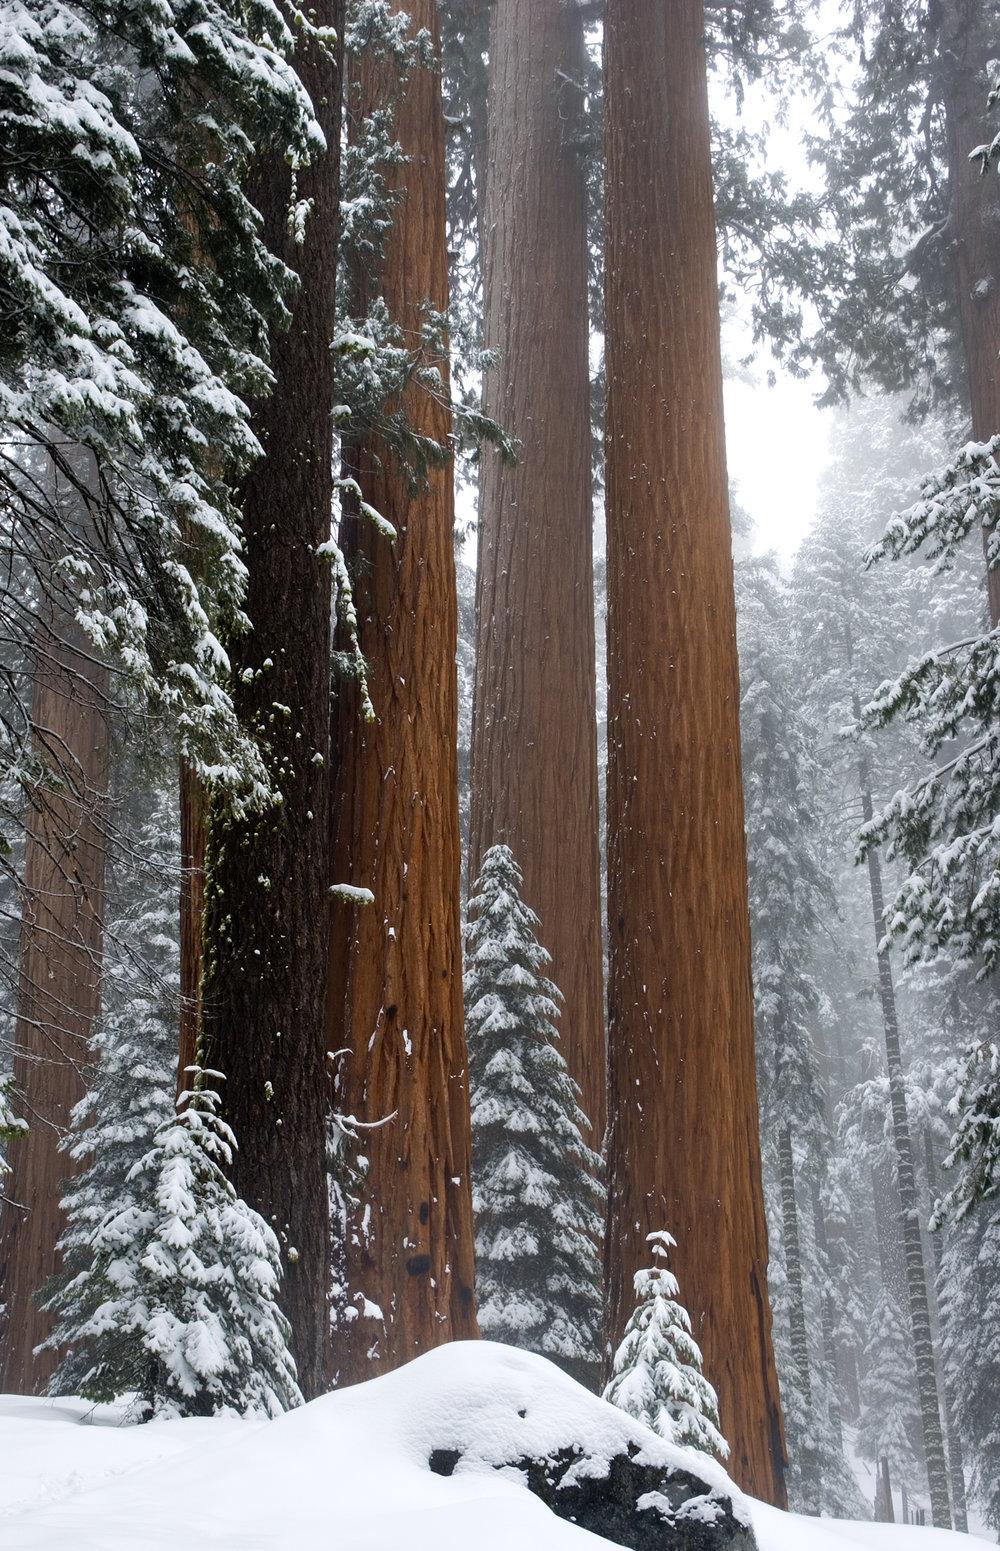 Giant Sequoia's #1